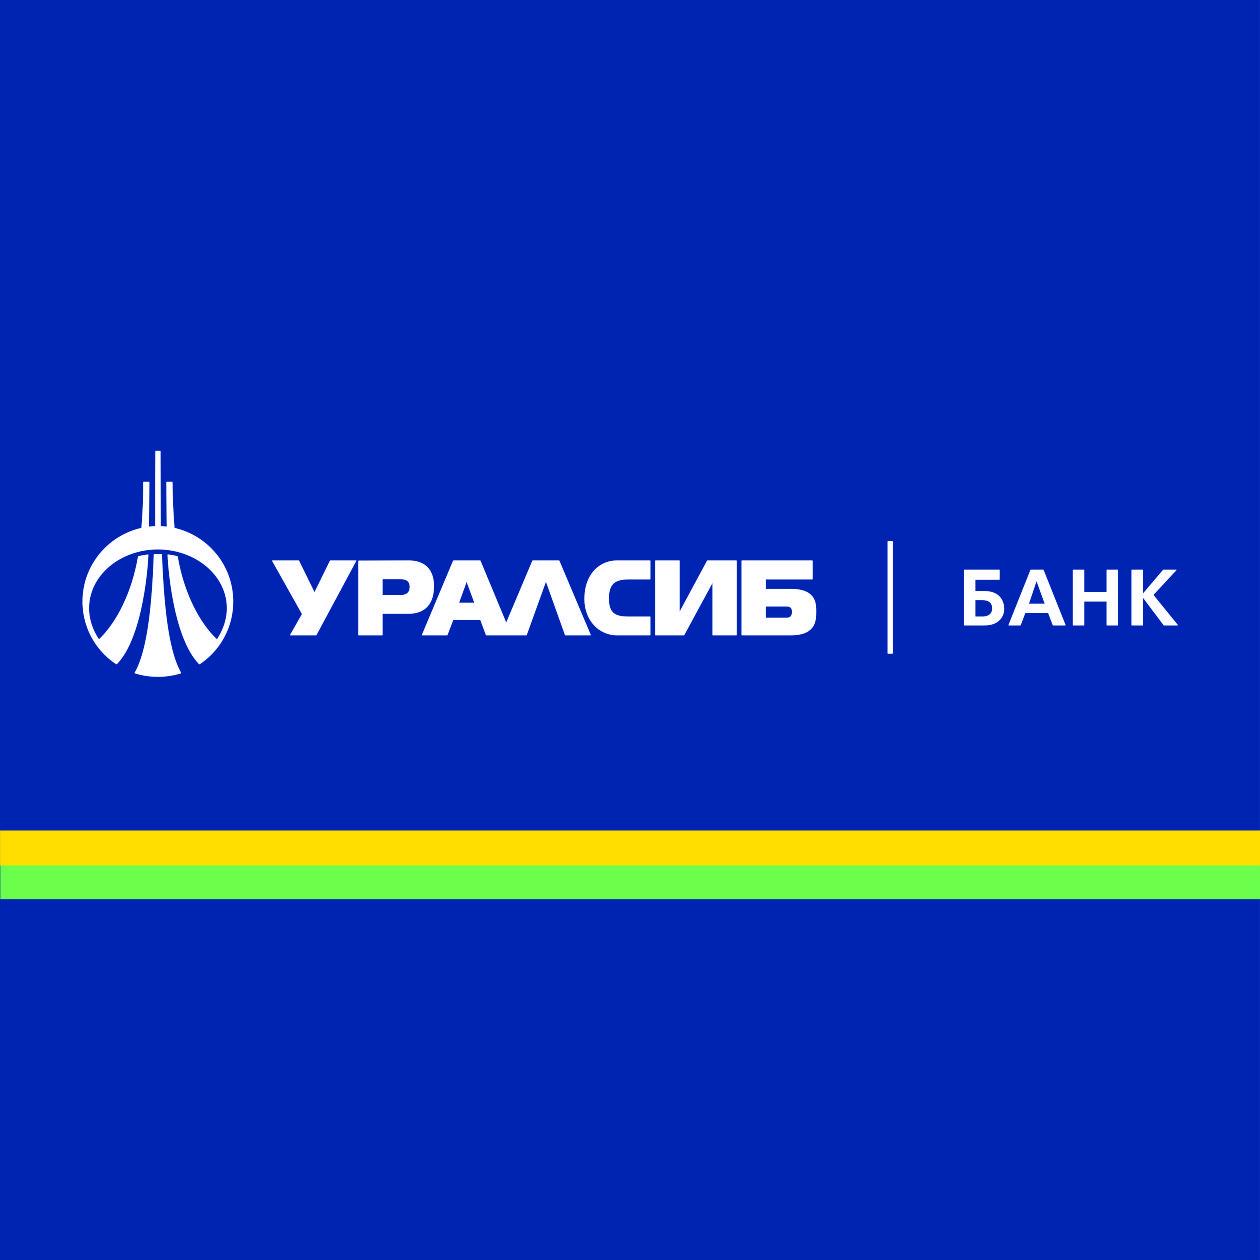 Банк УРАЛСИБ улучшил условия и запустил доставку дебетовой карты «Прибыль»